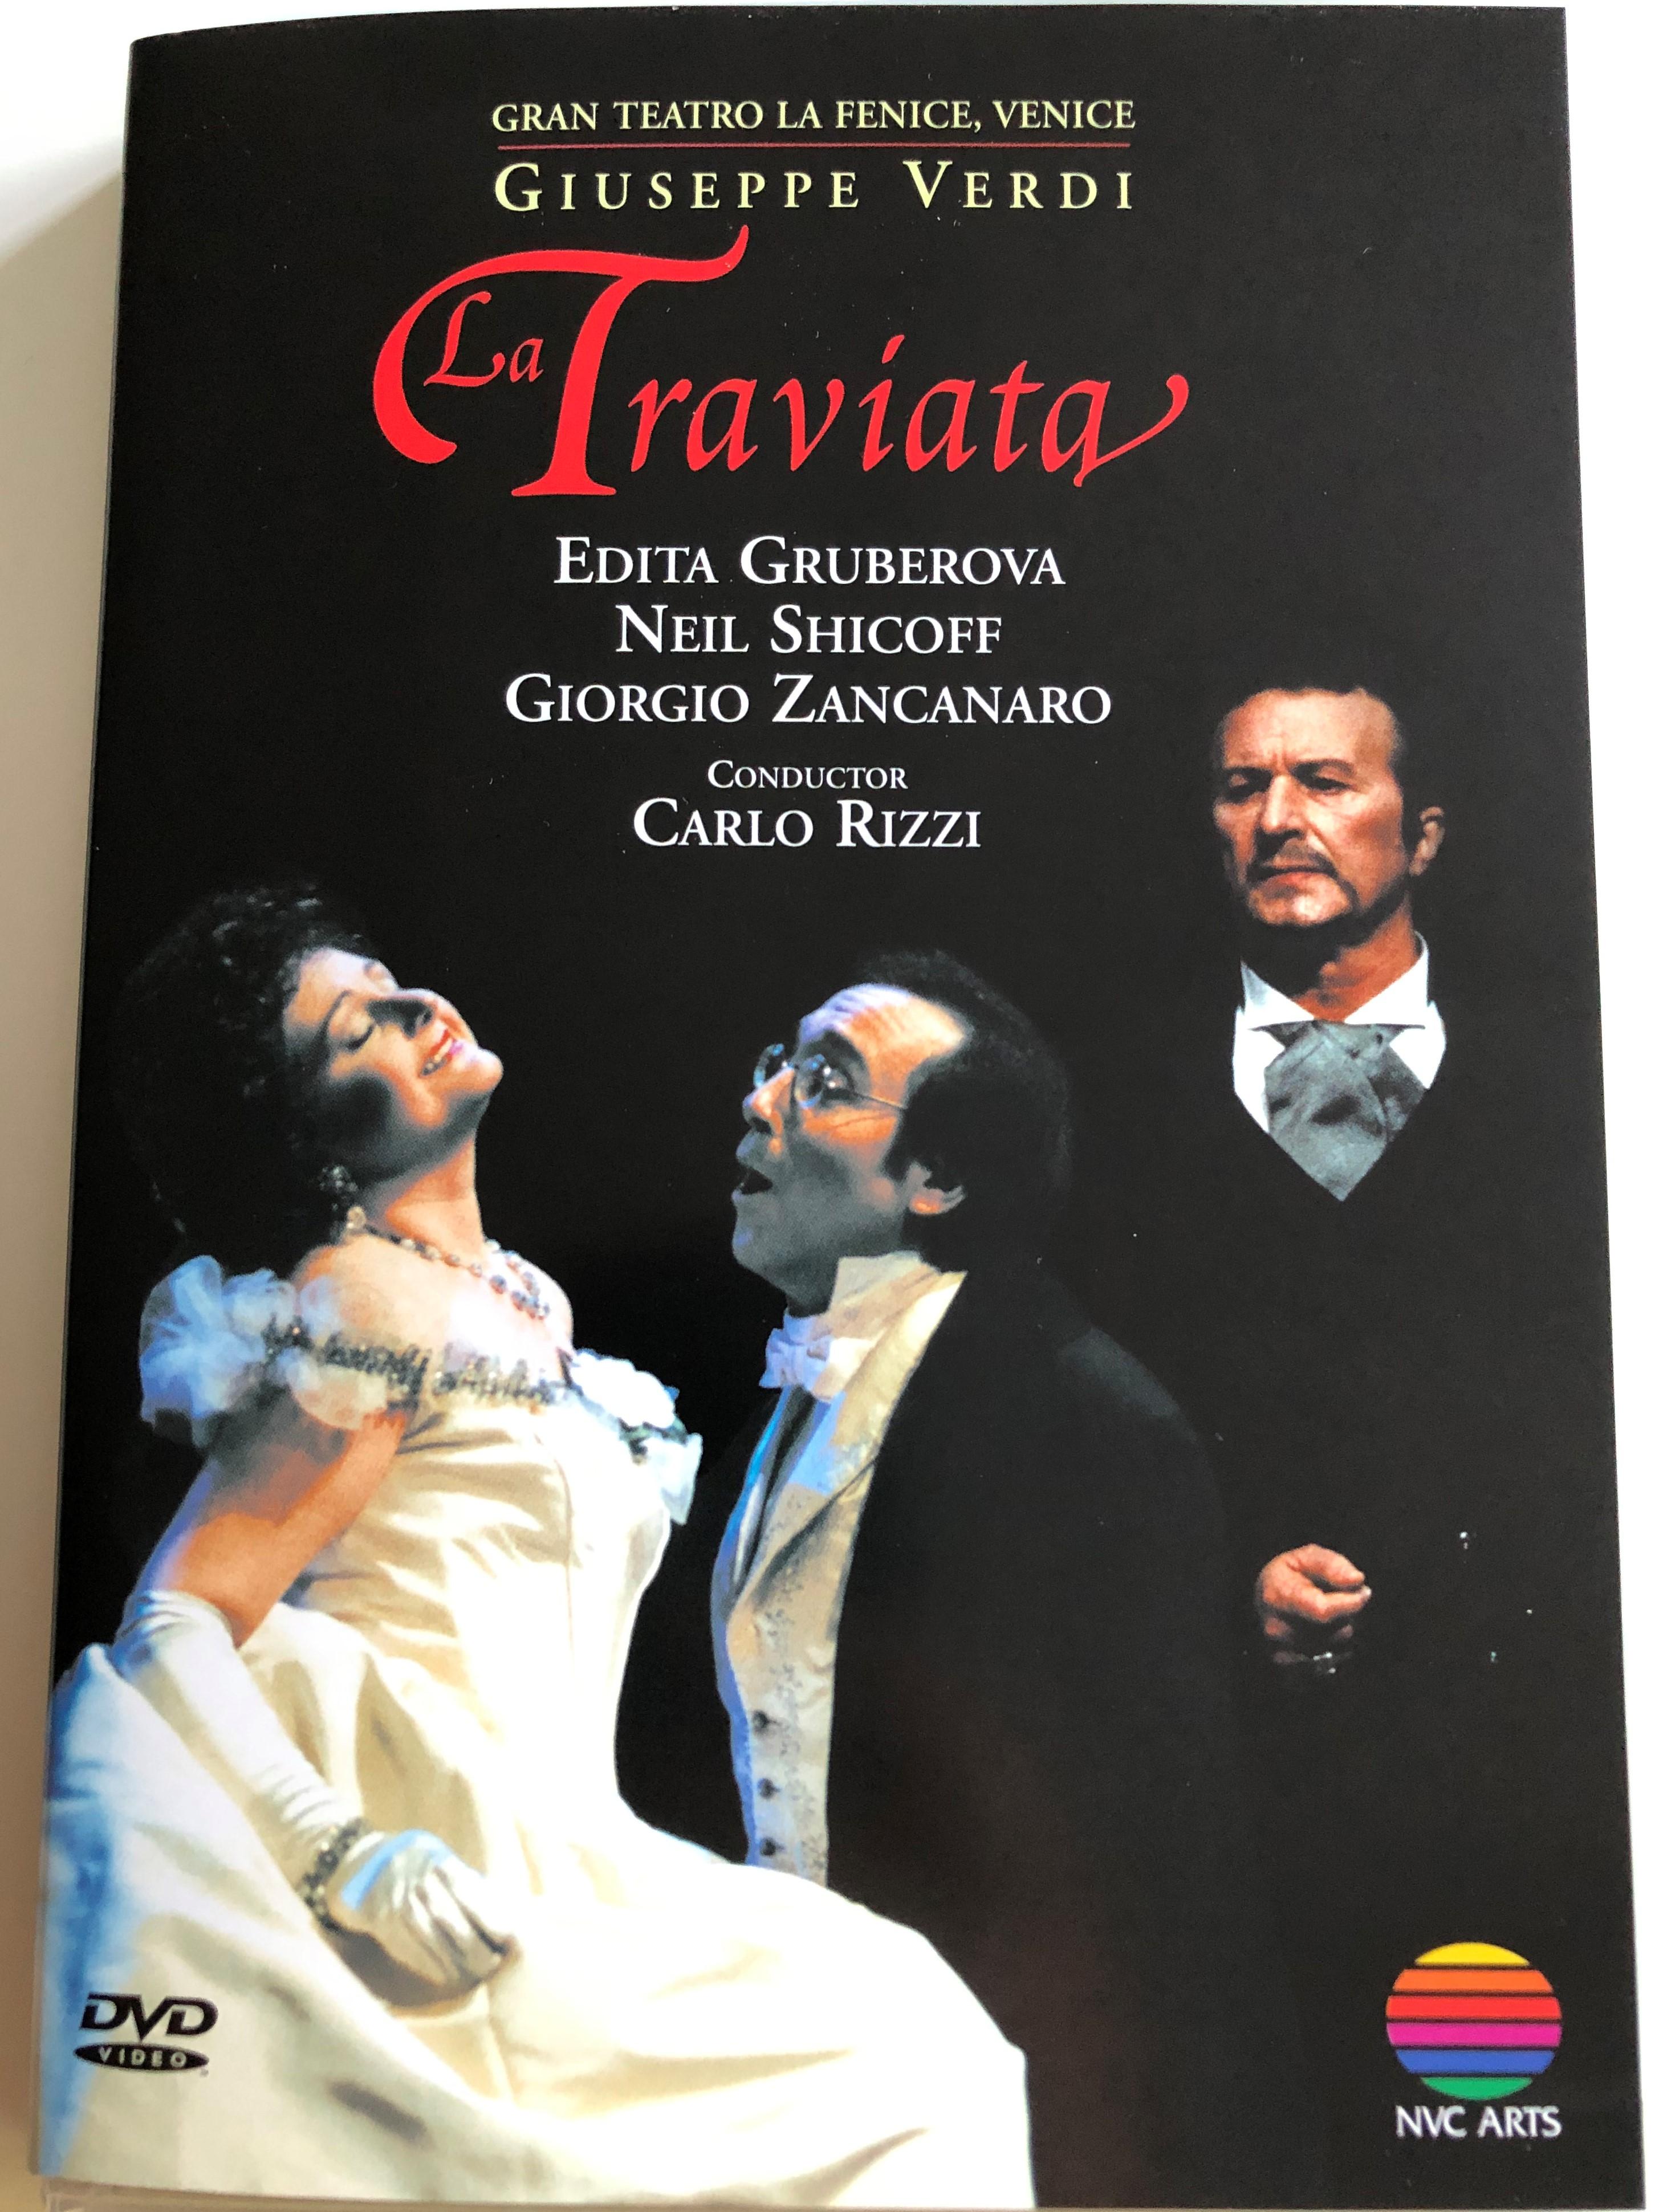 giuseppe-verdi-la-traviata-dvd-2003-opera-in-3-acts-gran-teatro-la-fenice-venice-edita-gruberova-neil-shicoff-giorgio-zancanaro-conducted-by-carlo-rizzi-directed-for-video-by-derek-bailey-nvc-arts-1-.jpg